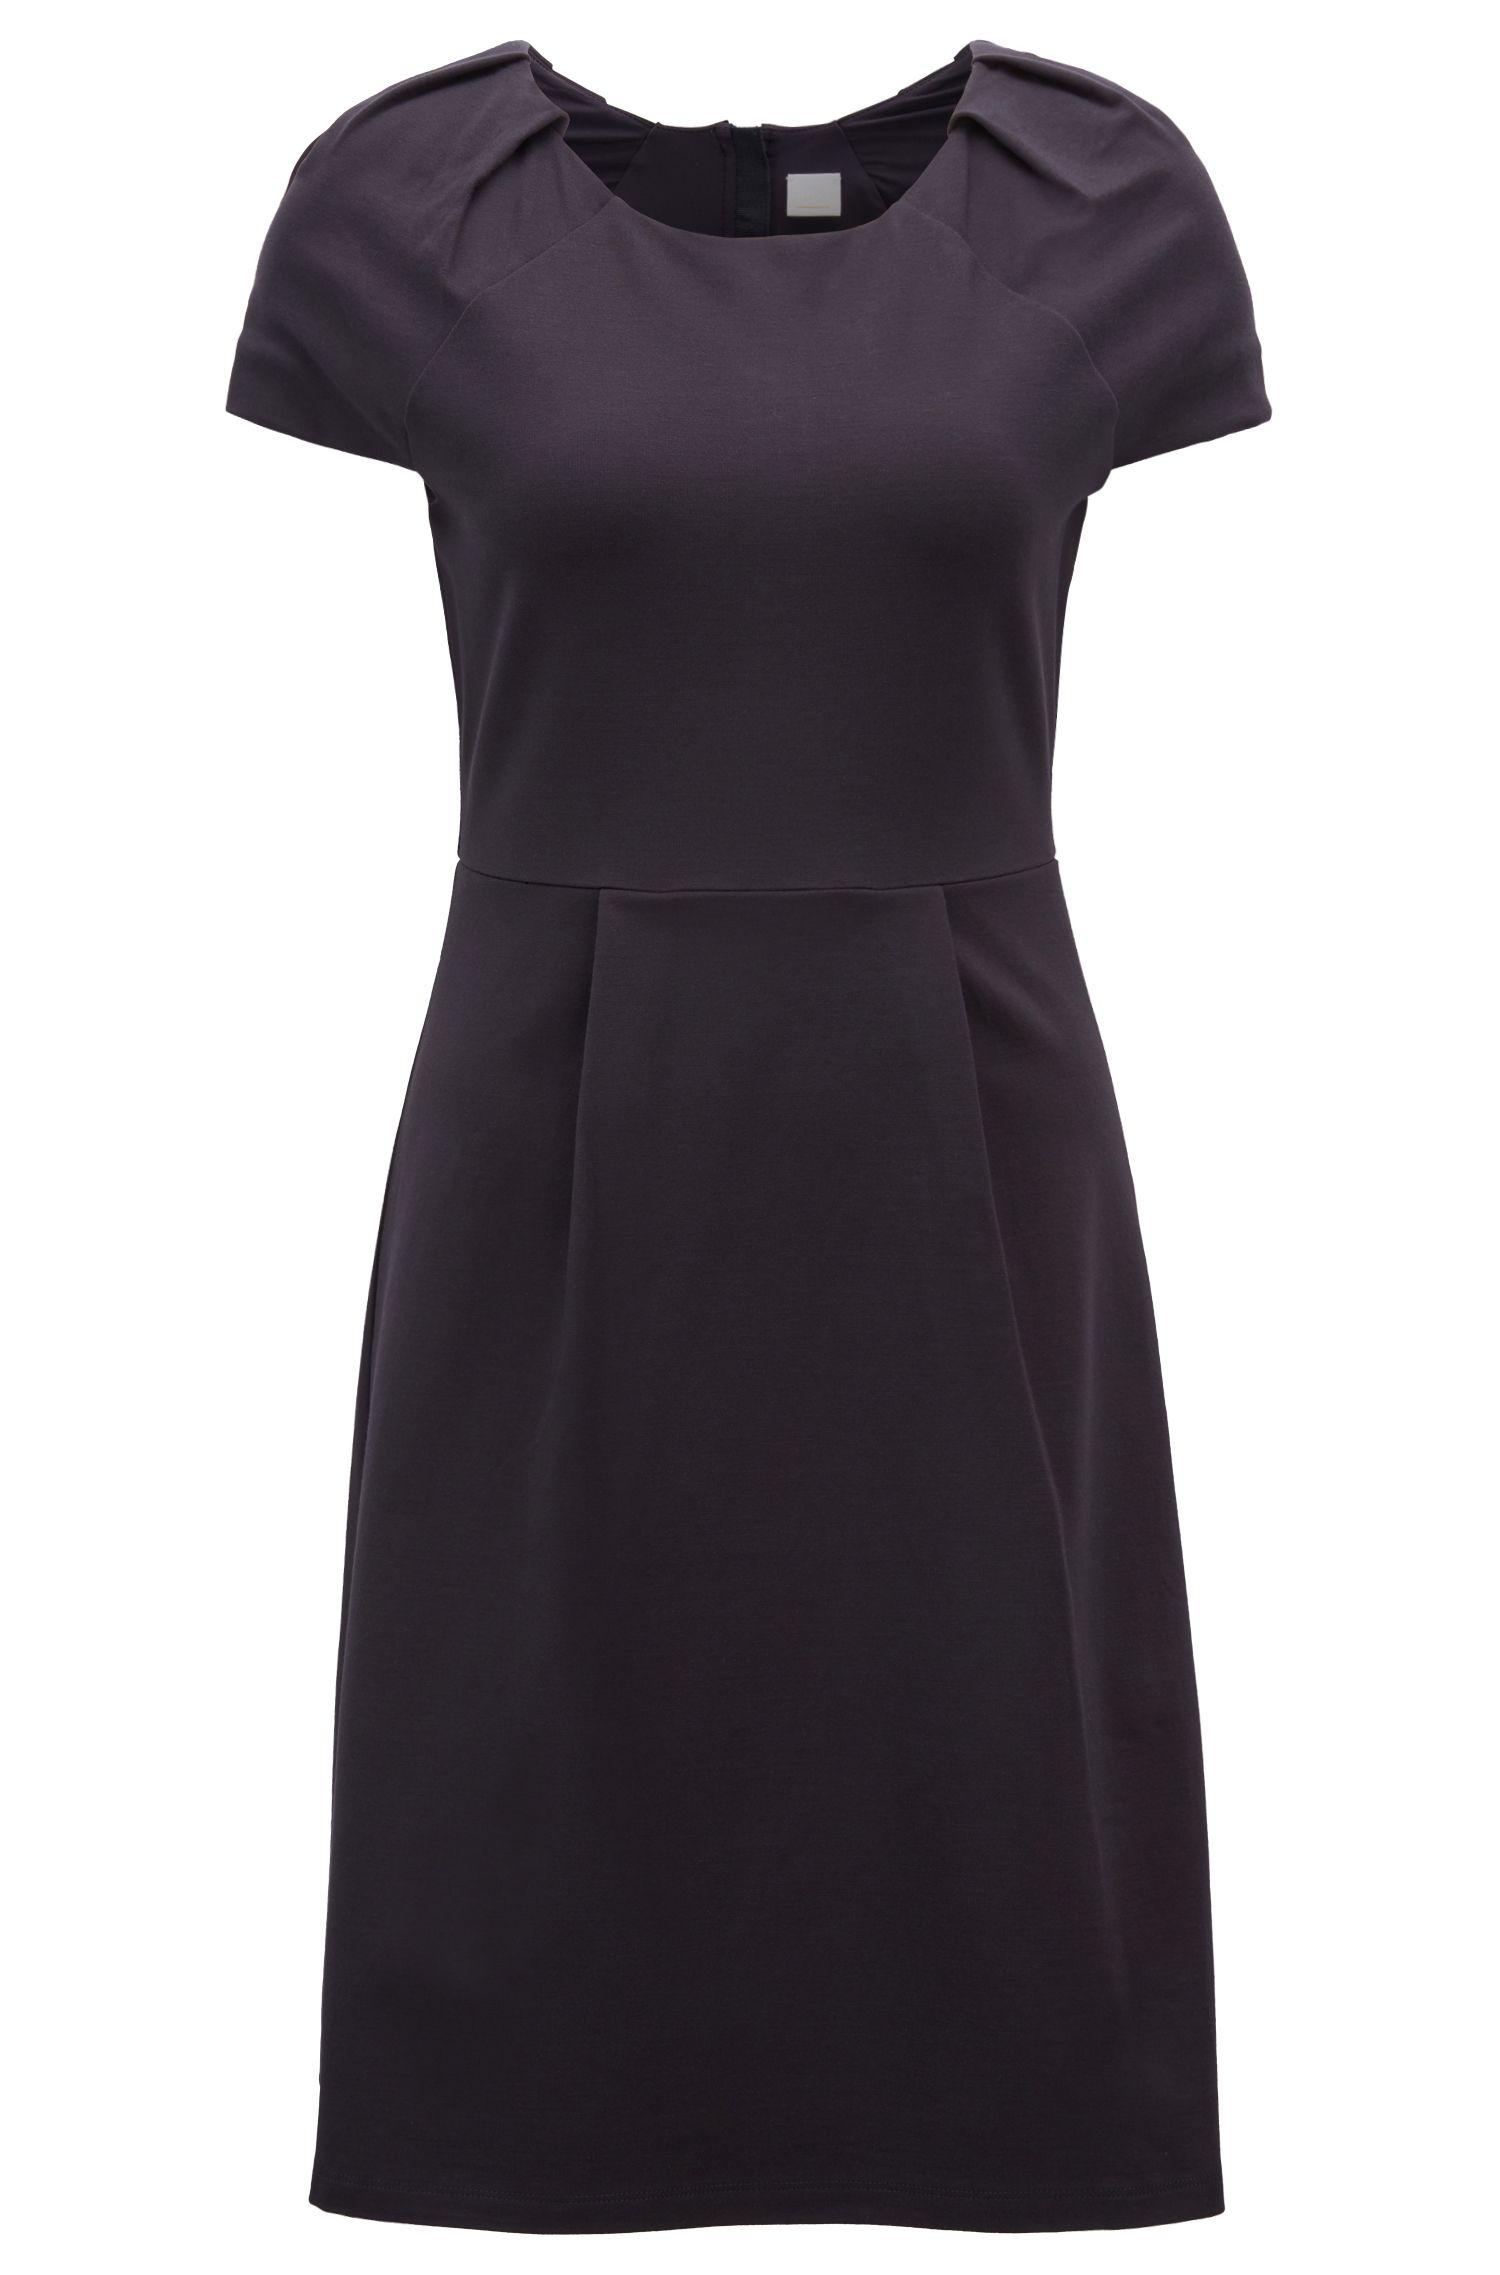 Tailliertes Kleid aus Interlock-Jersey mit Plissee-Detail, Dunkelblau